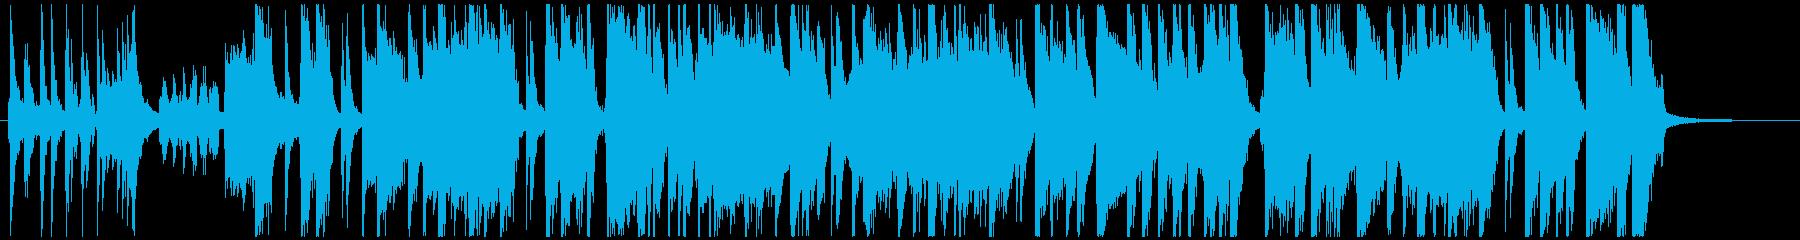 オシャレ、可愛い、ショートBGMの再生済みの波形